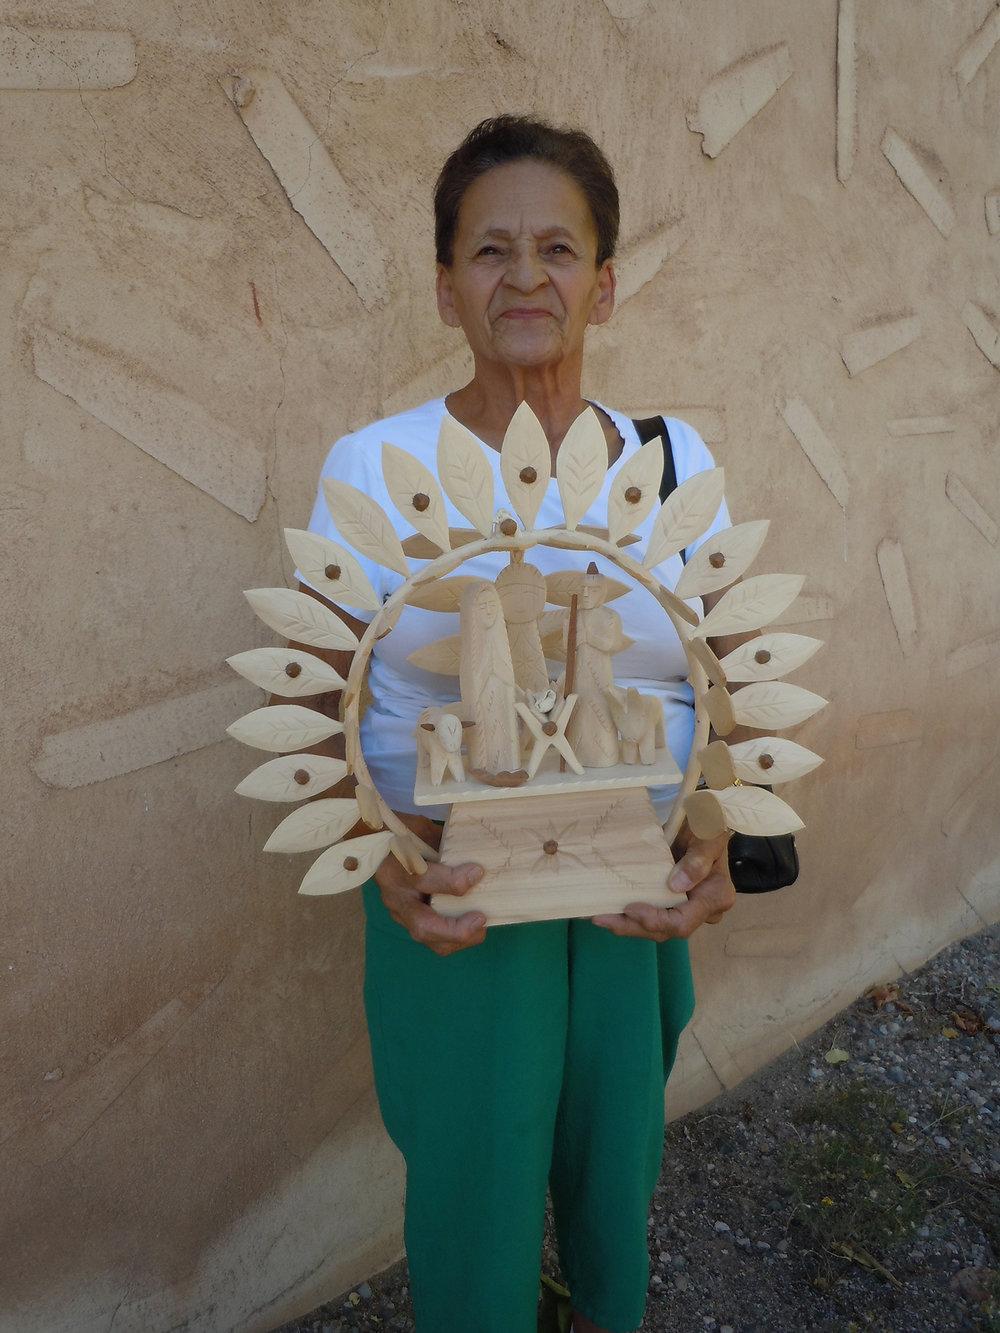 Figure 15: Sabinita López Ortiz, Córdova, New Mexico, poses with her Nativity santo pictured in Figure 14. Made in 2018. Photo courtesy of El Potrero Trading Post.